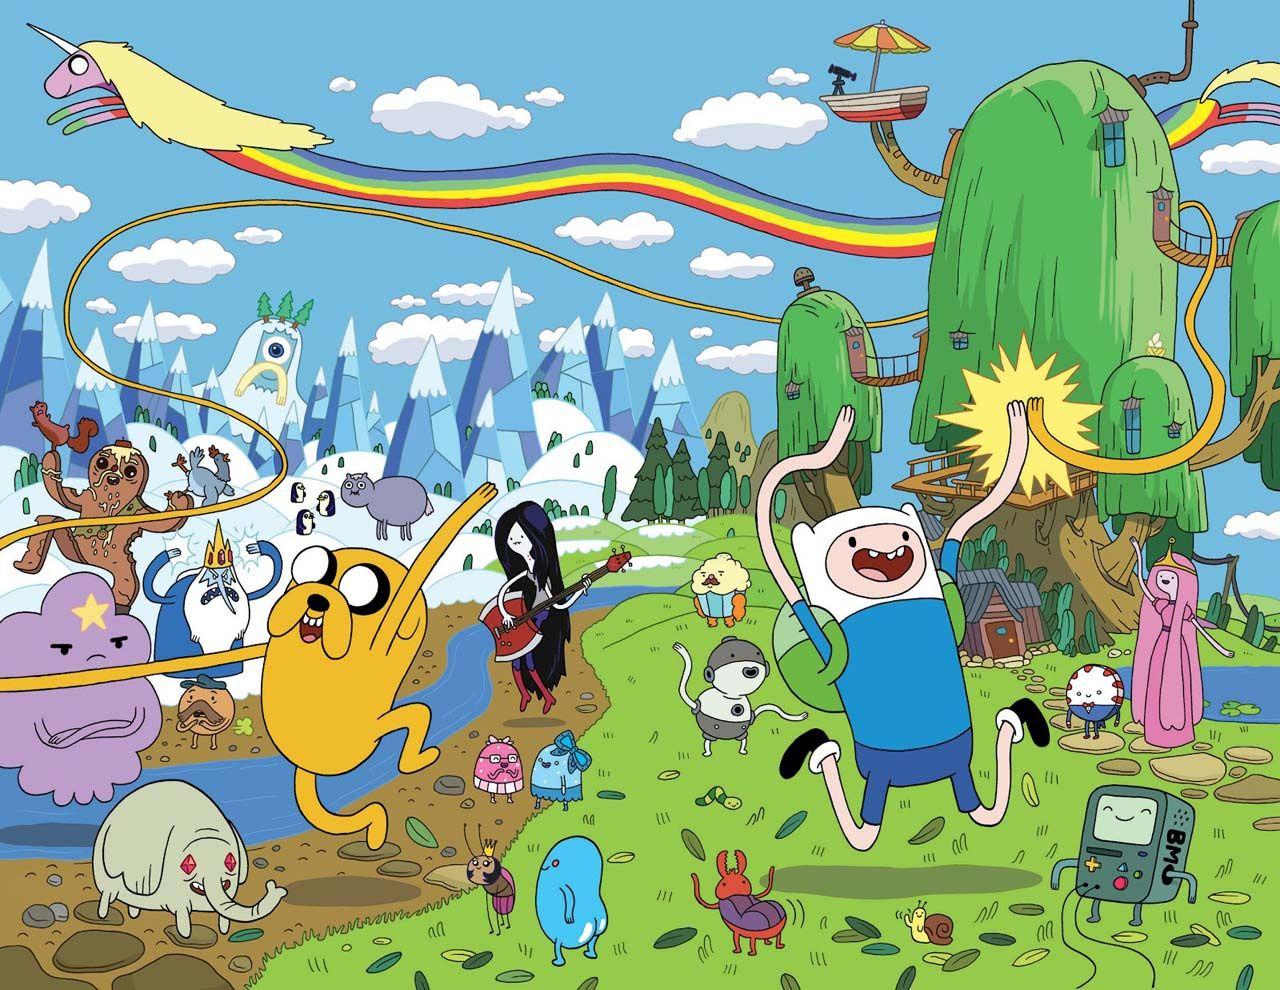 Las Mejores Series De Dibujos Animados Para Adultos Adventure Time Personajes Fiestas De Horas De Aventura Cumpleanos De Adventure Time